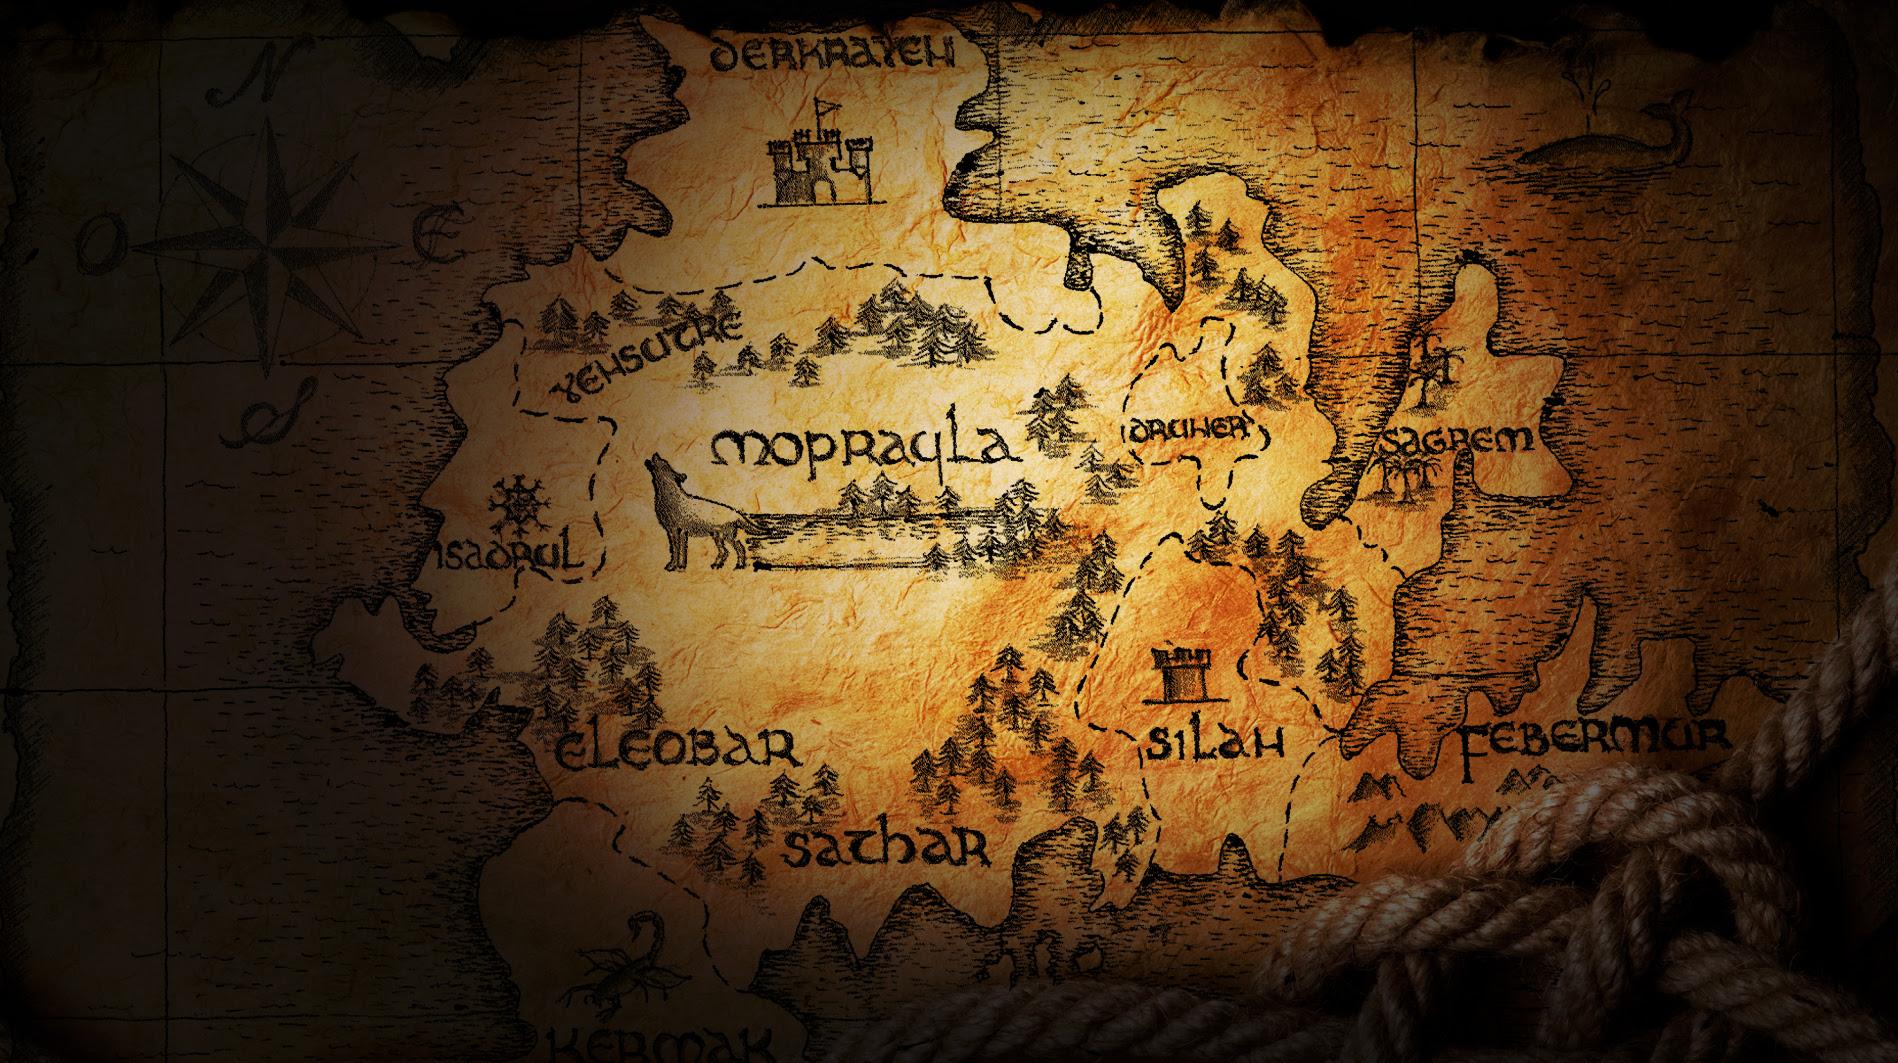 Resultado de imagen para moprayla